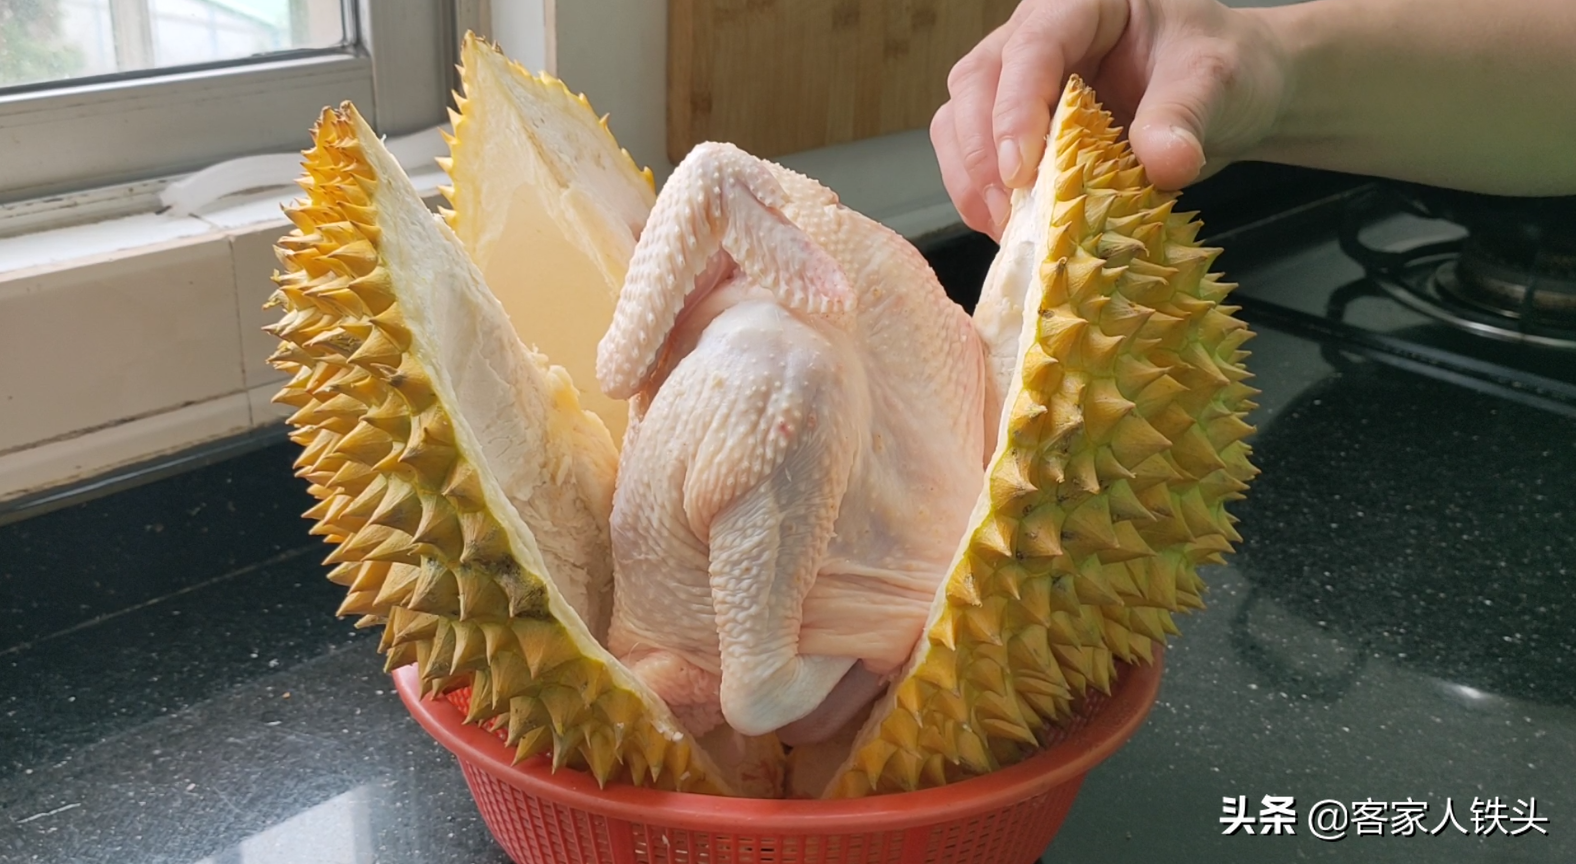 廣東人夏季少不了一鍋湯,教你煲湯技巧,湯鮮肉香,一大鍋不夠喝